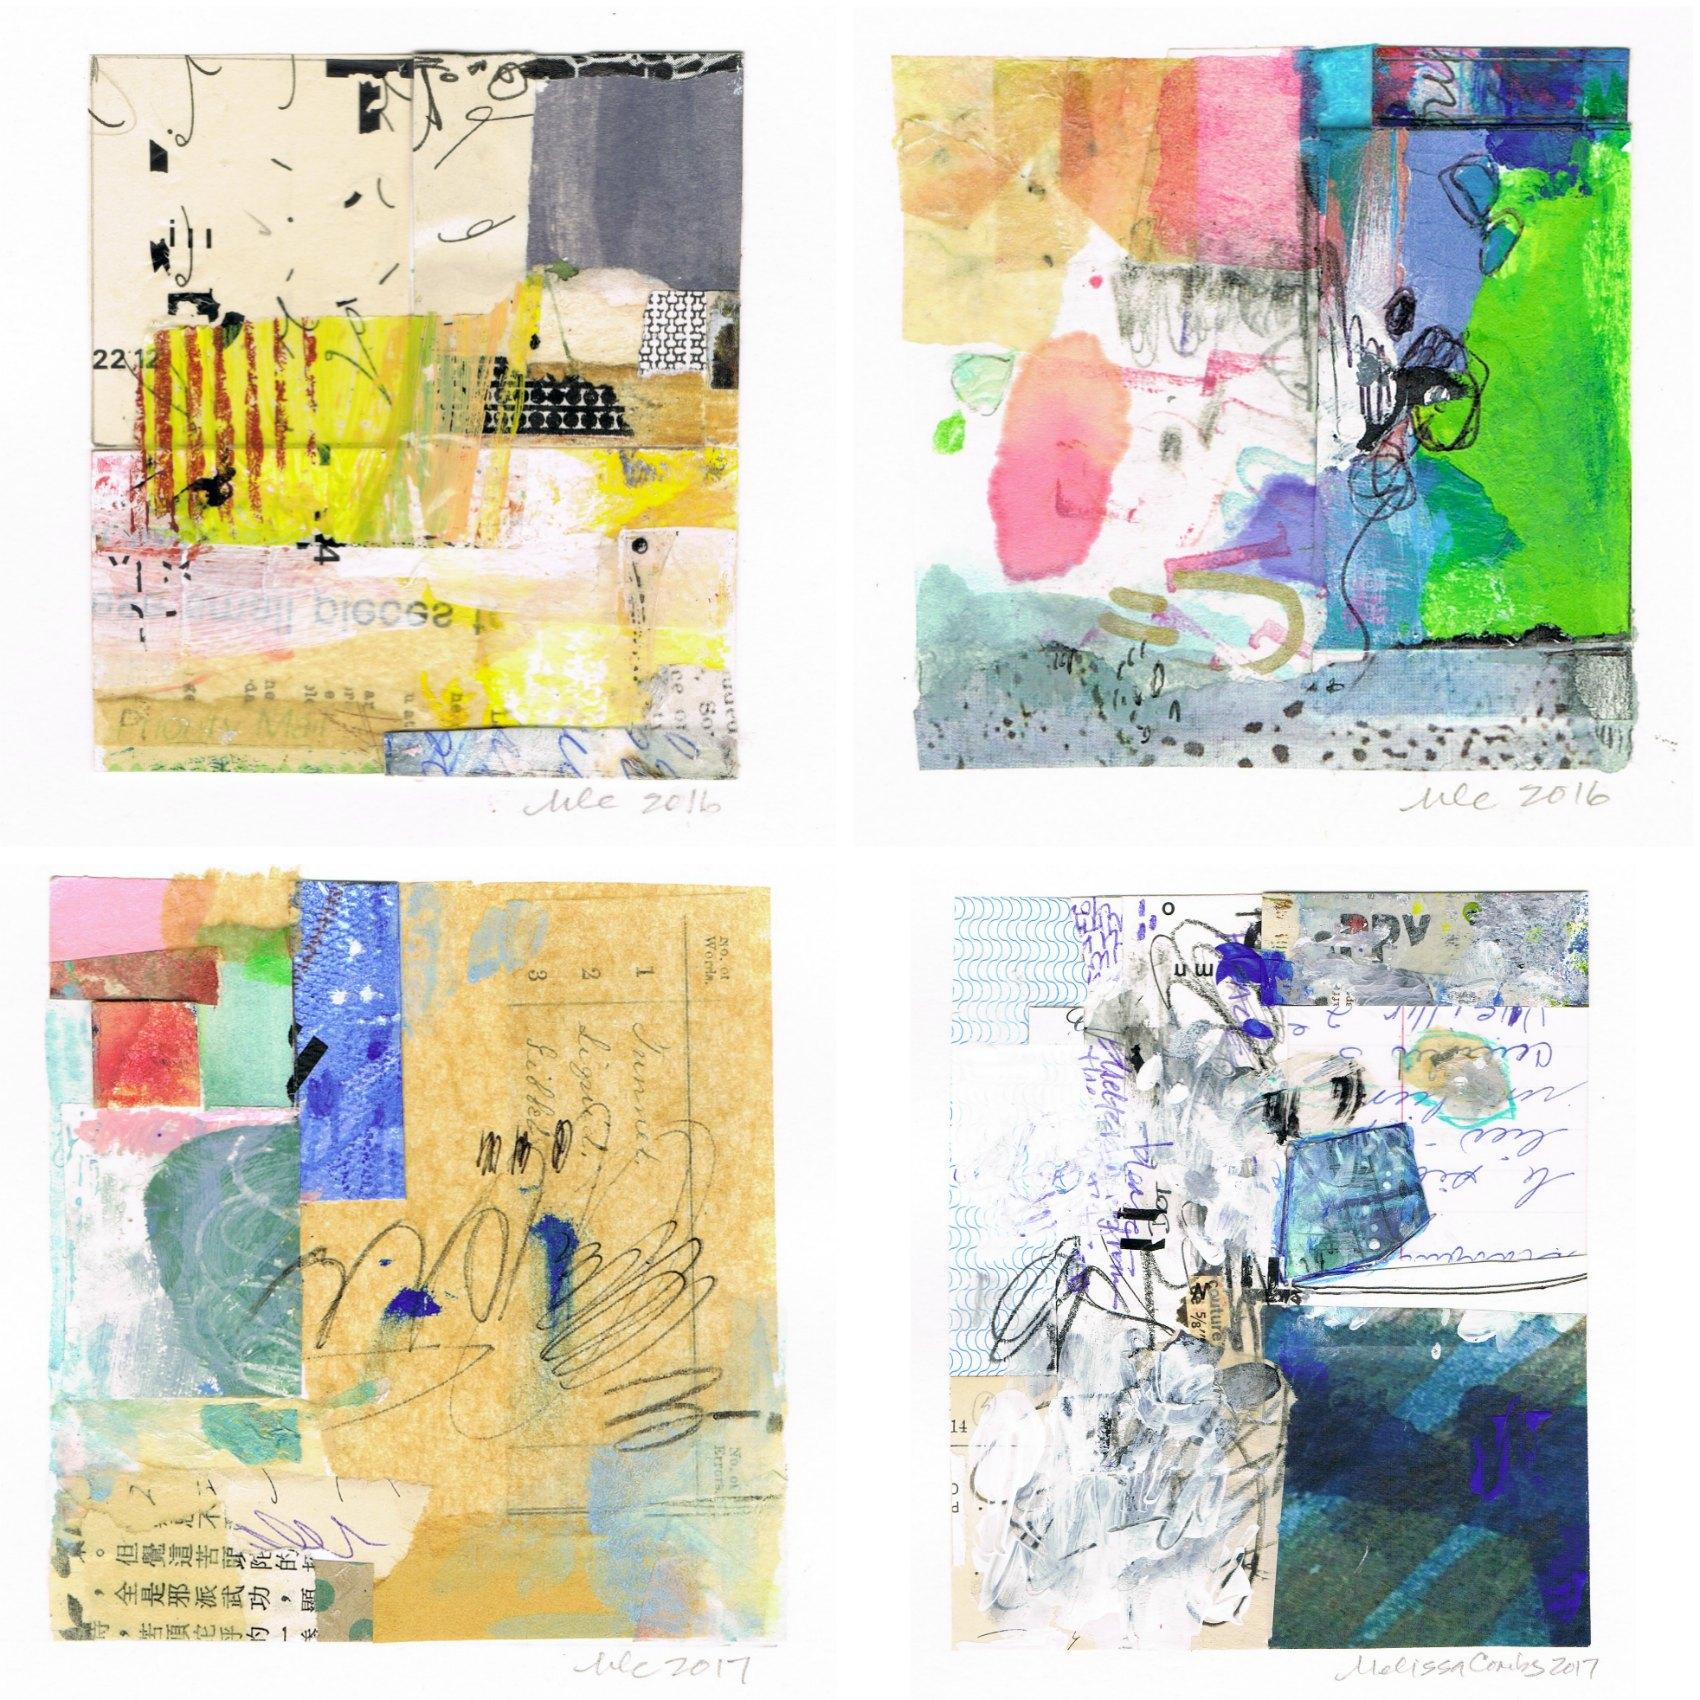 Studio-mlc.com 4 collages